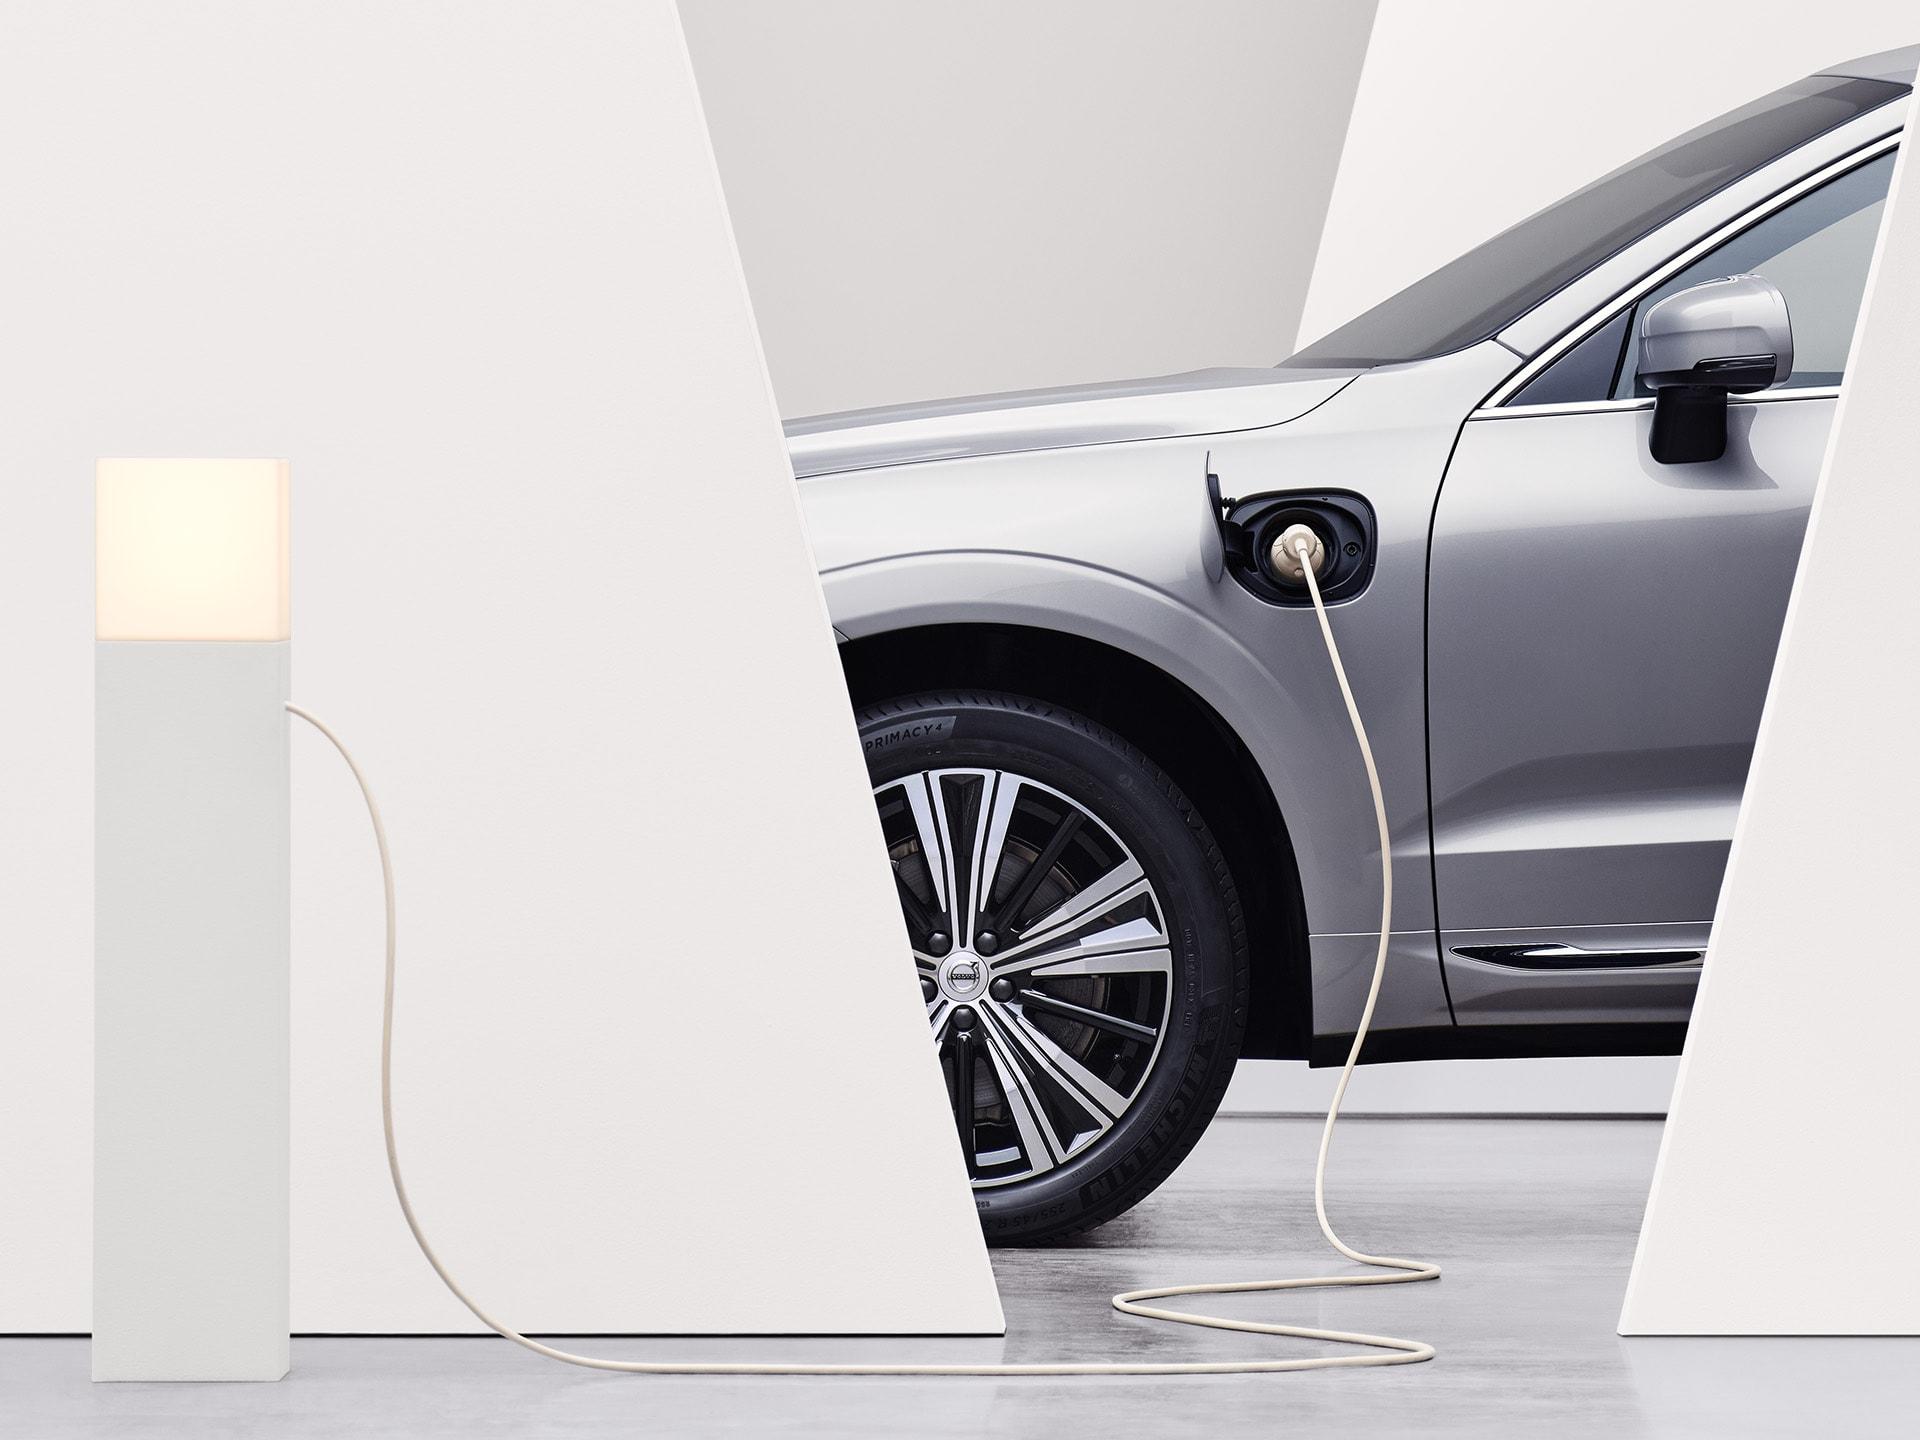 Una berlina Volvo Luminous Silver parcheggiata collegata a un punto di carica